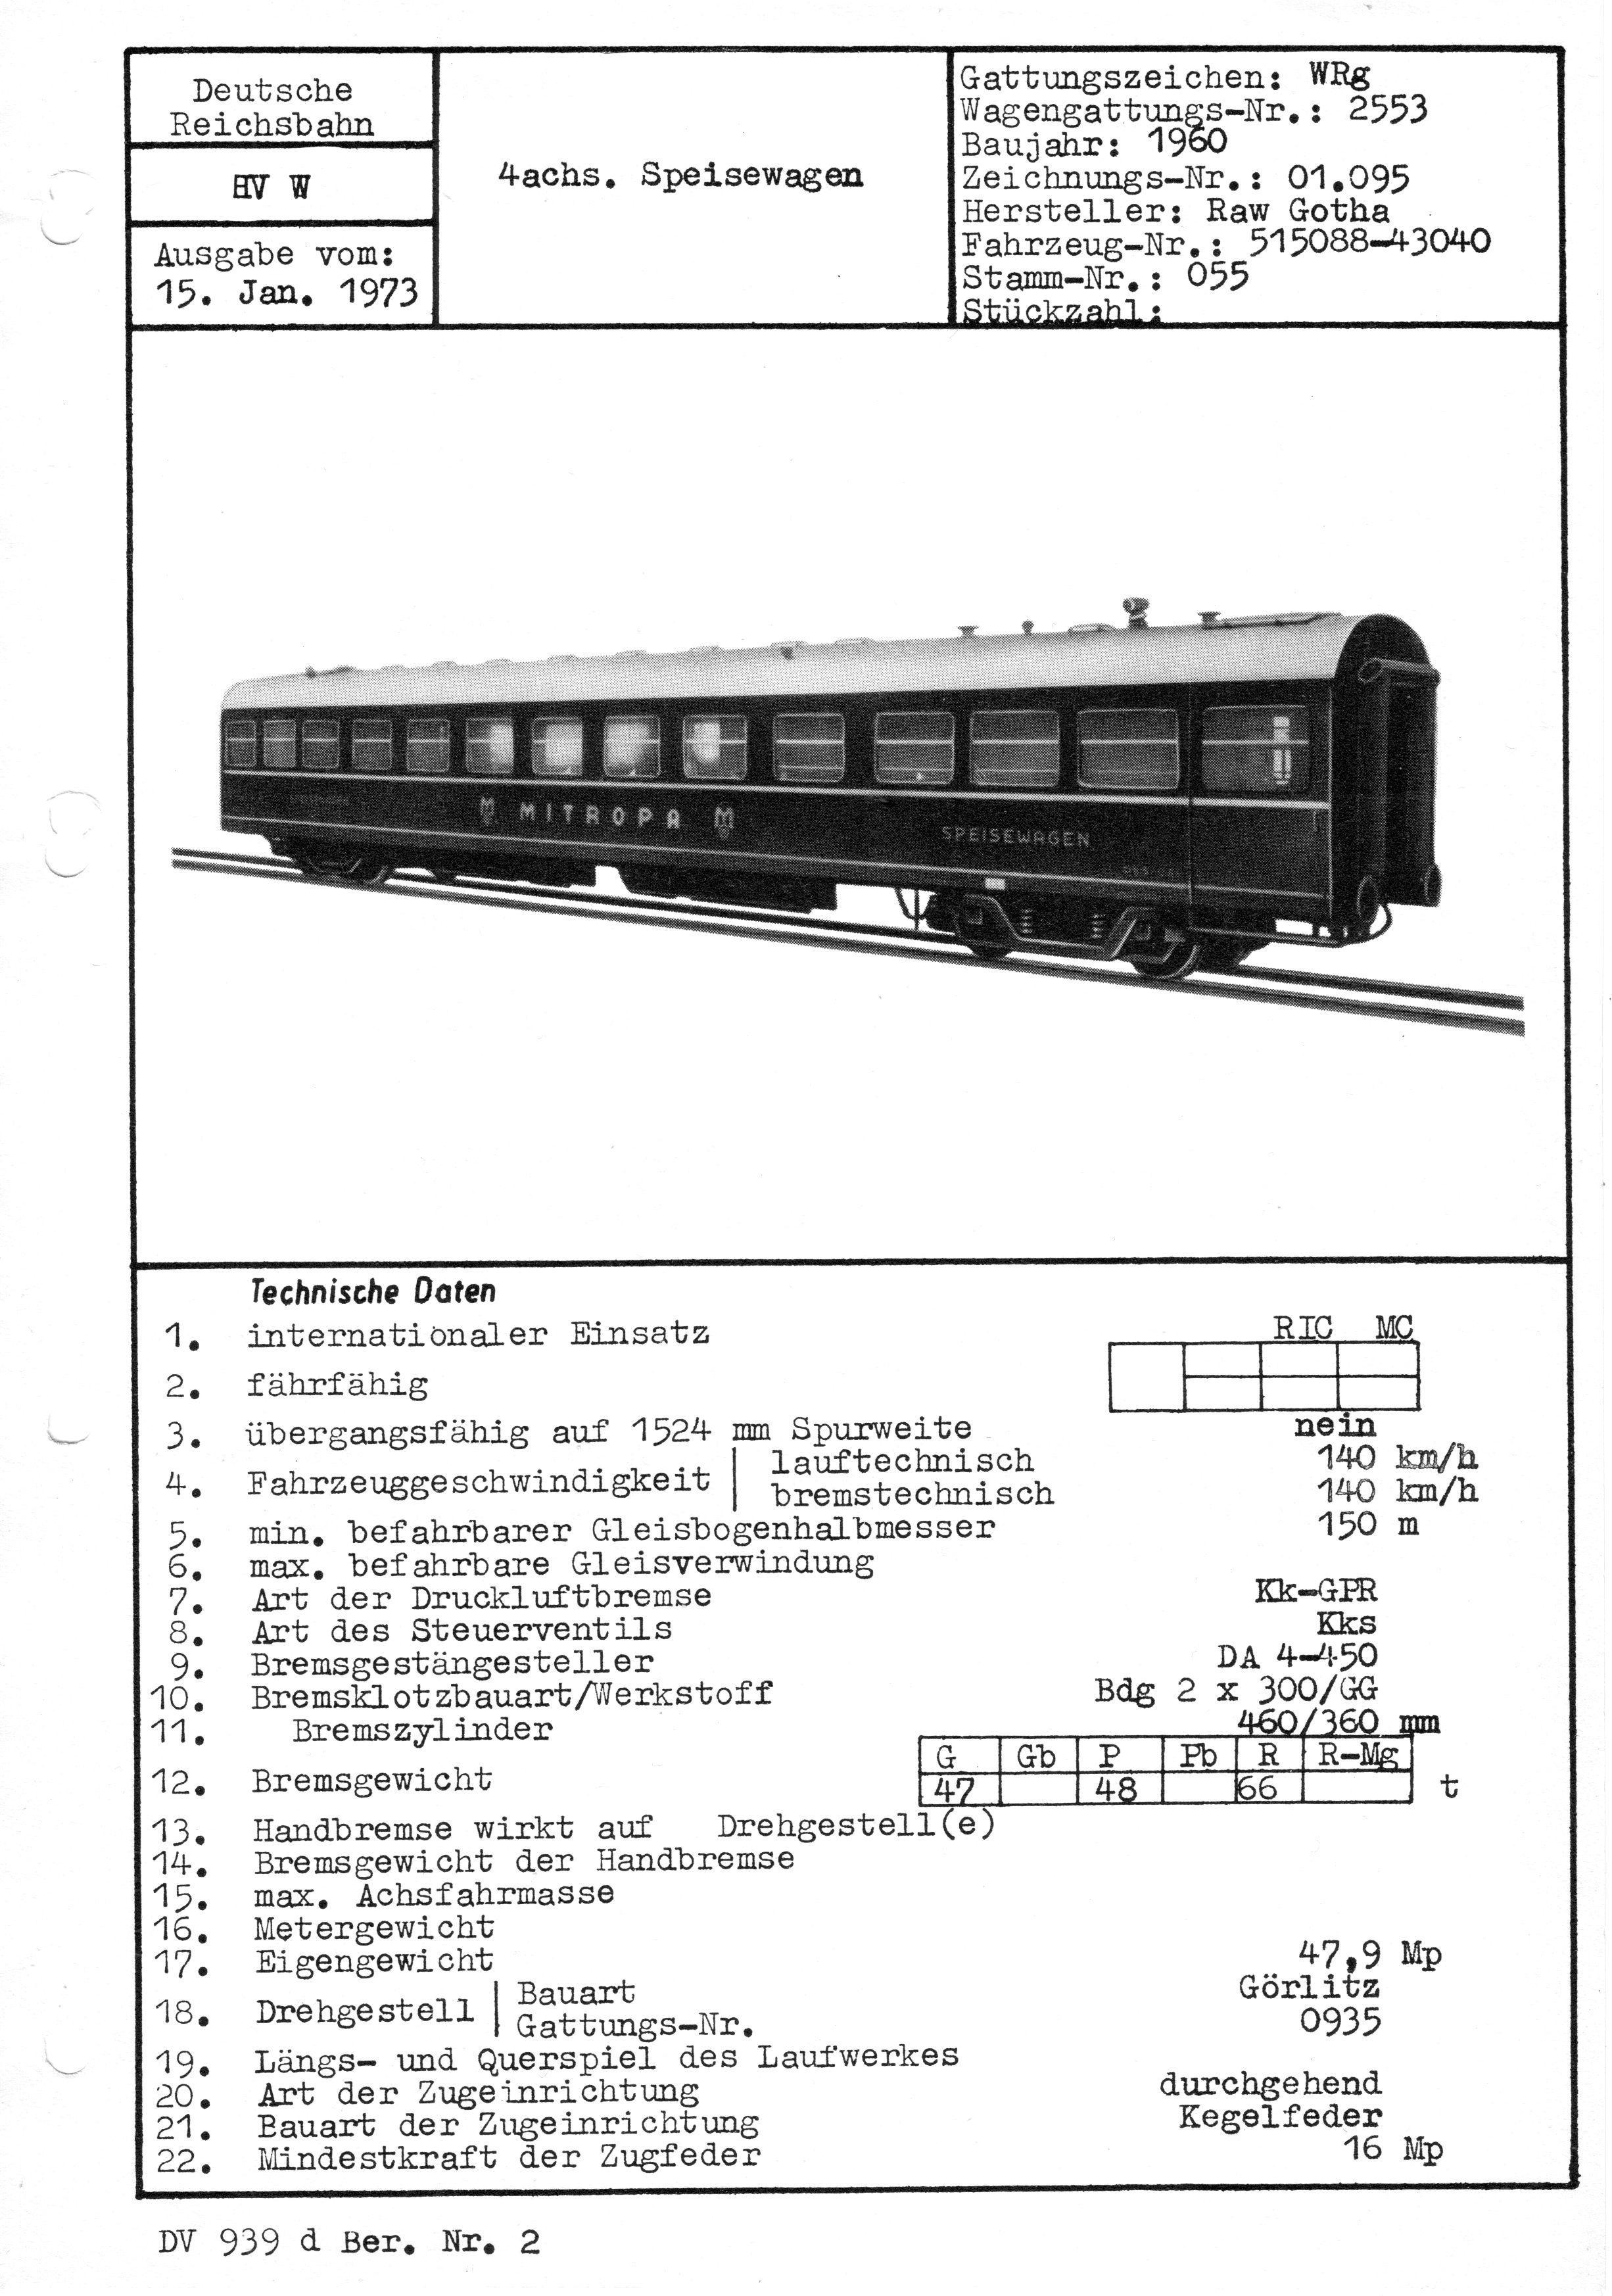 http://www.die-spreewaldbahn.de/spezial/939d/2553_s1.jpg